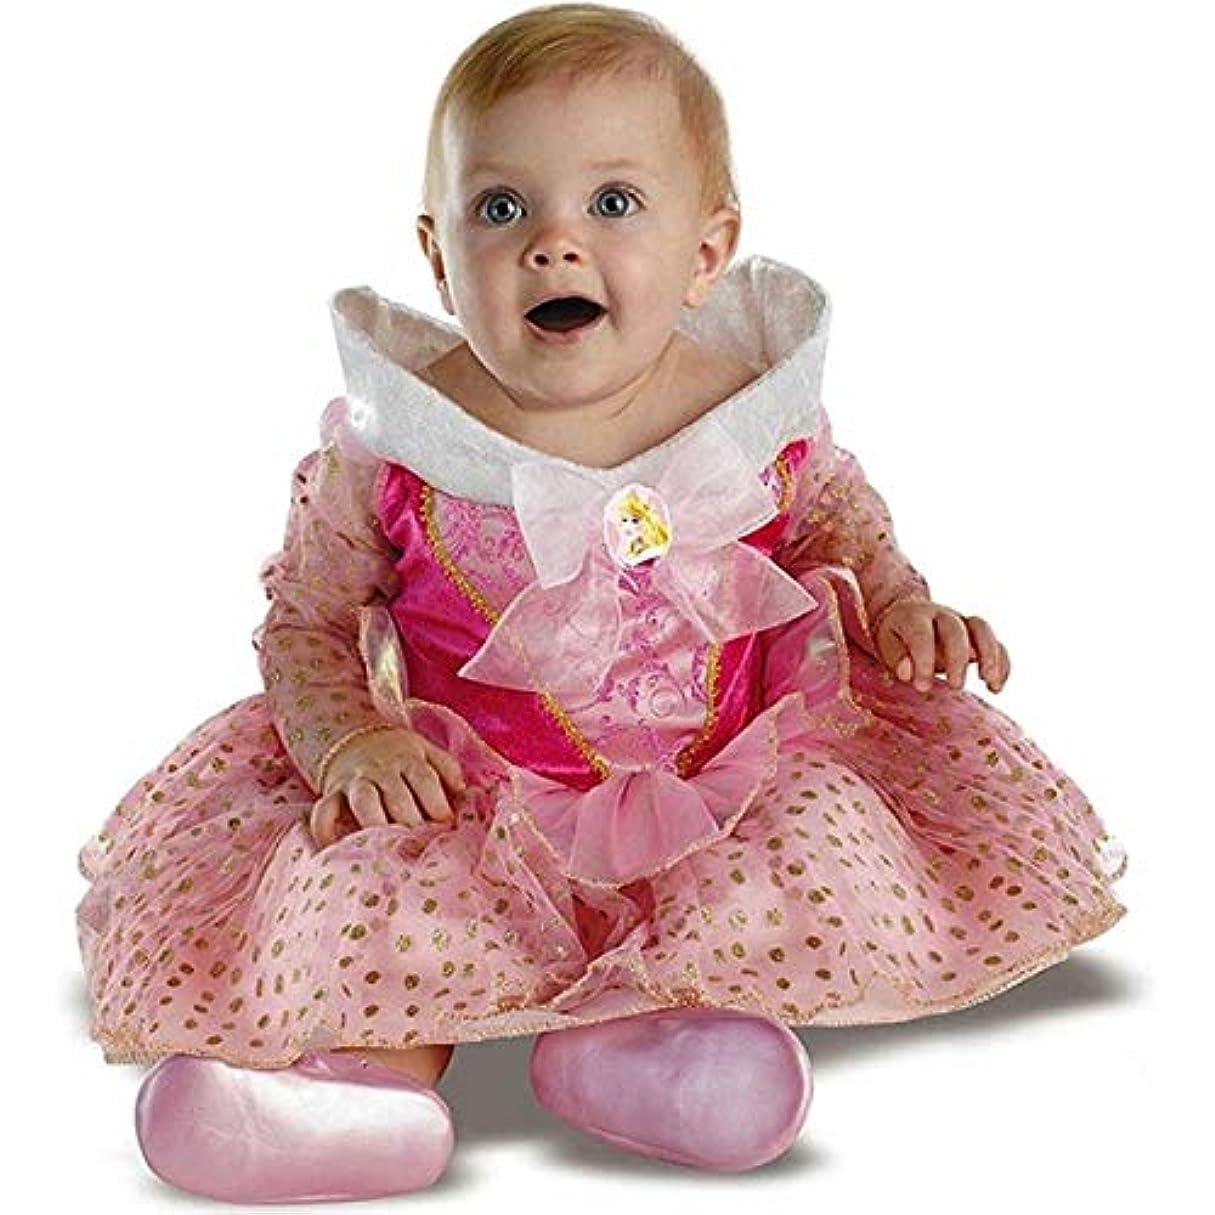 バレルイル量でオーロラ姫 眠れる森の美女 バレリーナ 幼児用 コスチューム サイズ:Infant (12-18 Months)